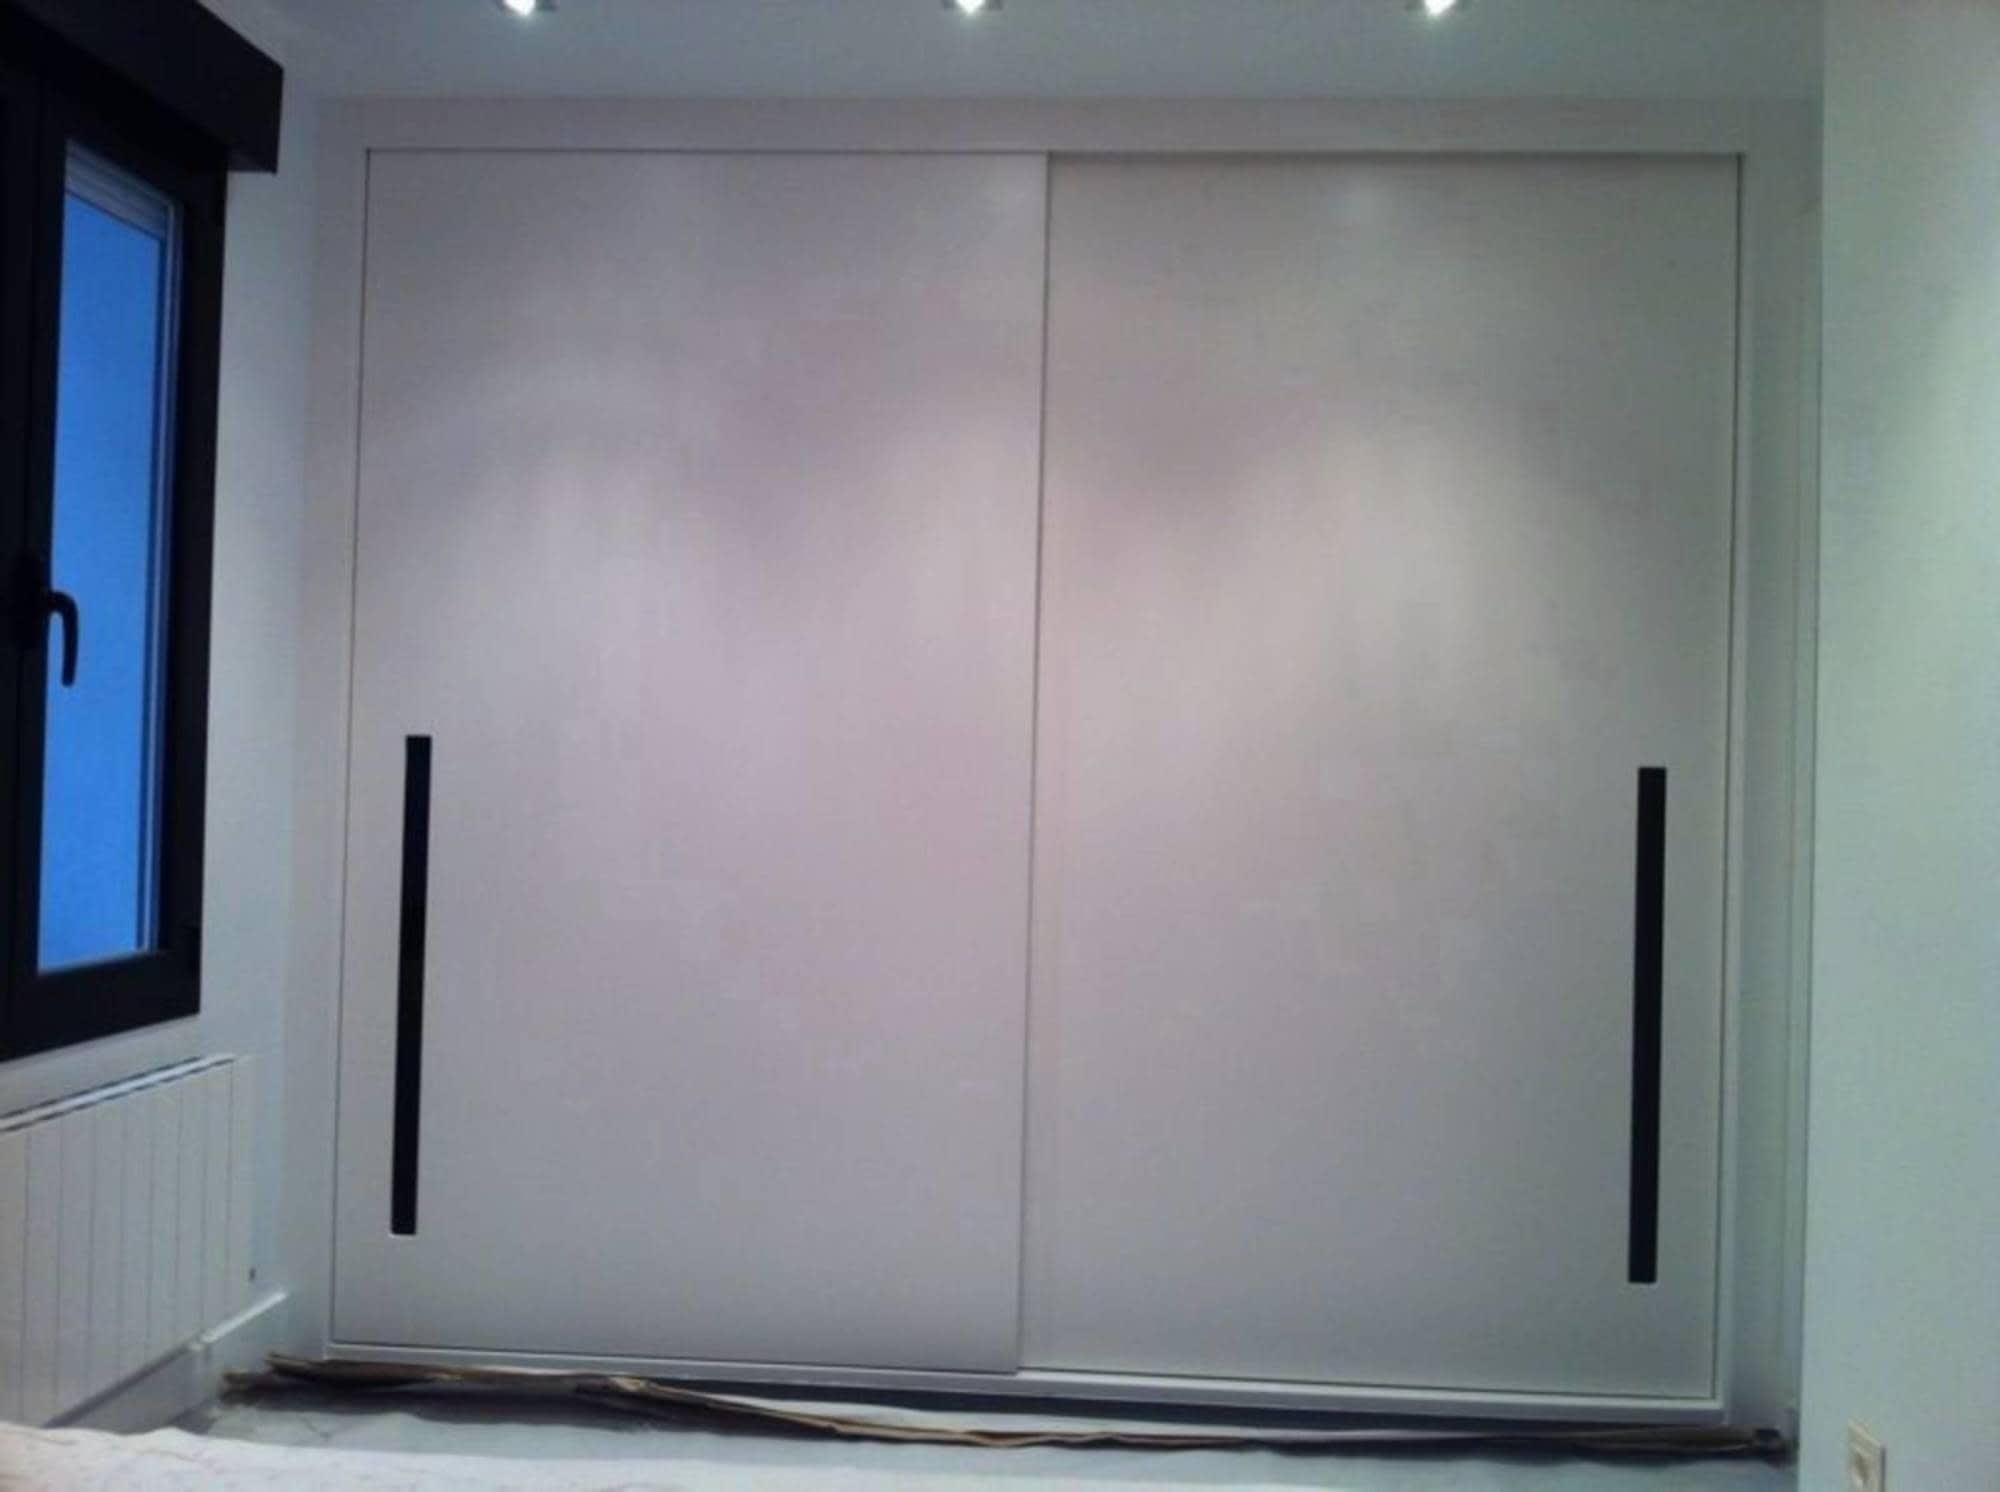 Lacar Puertas En Blanco Awesome With Lacar Puertas En Blanco  ~ Pintar Puertas En Blanco Sin Lijar